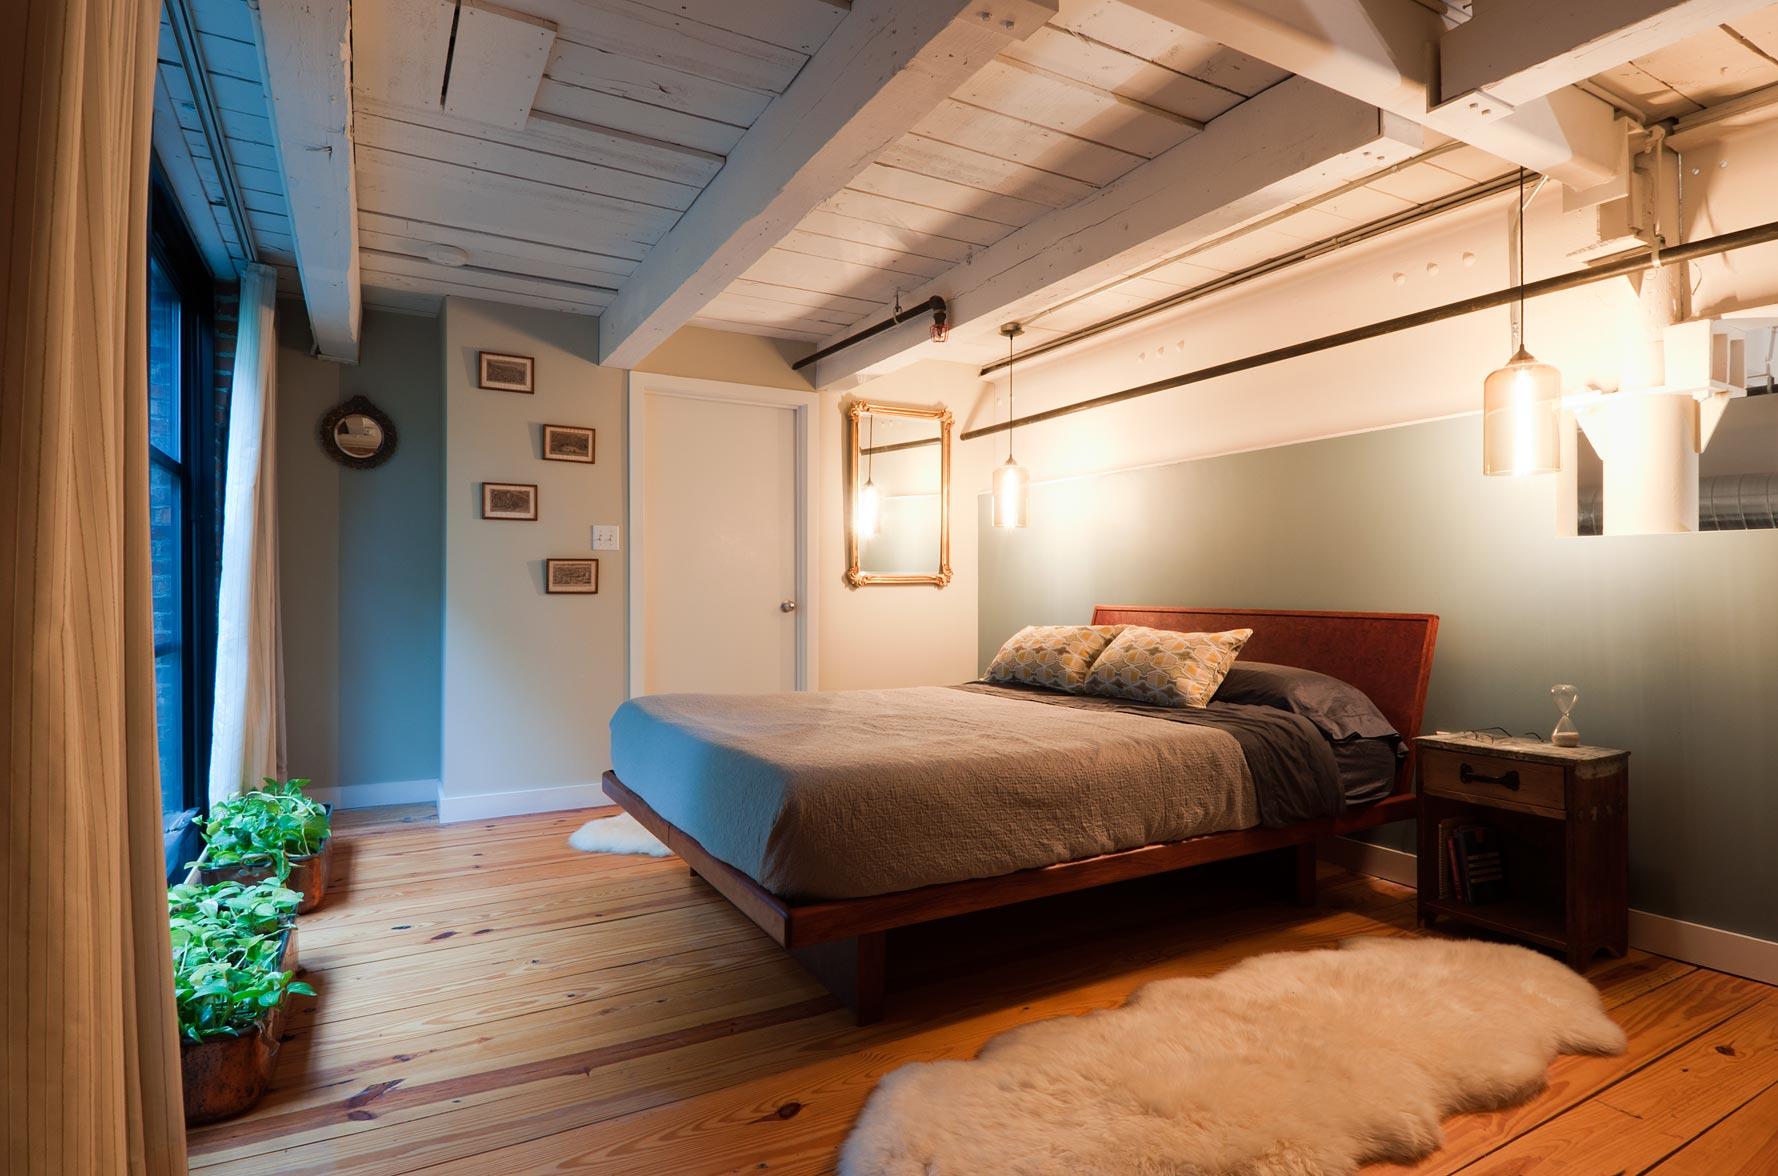 Деревянный потолок в спальне в стиле лофт